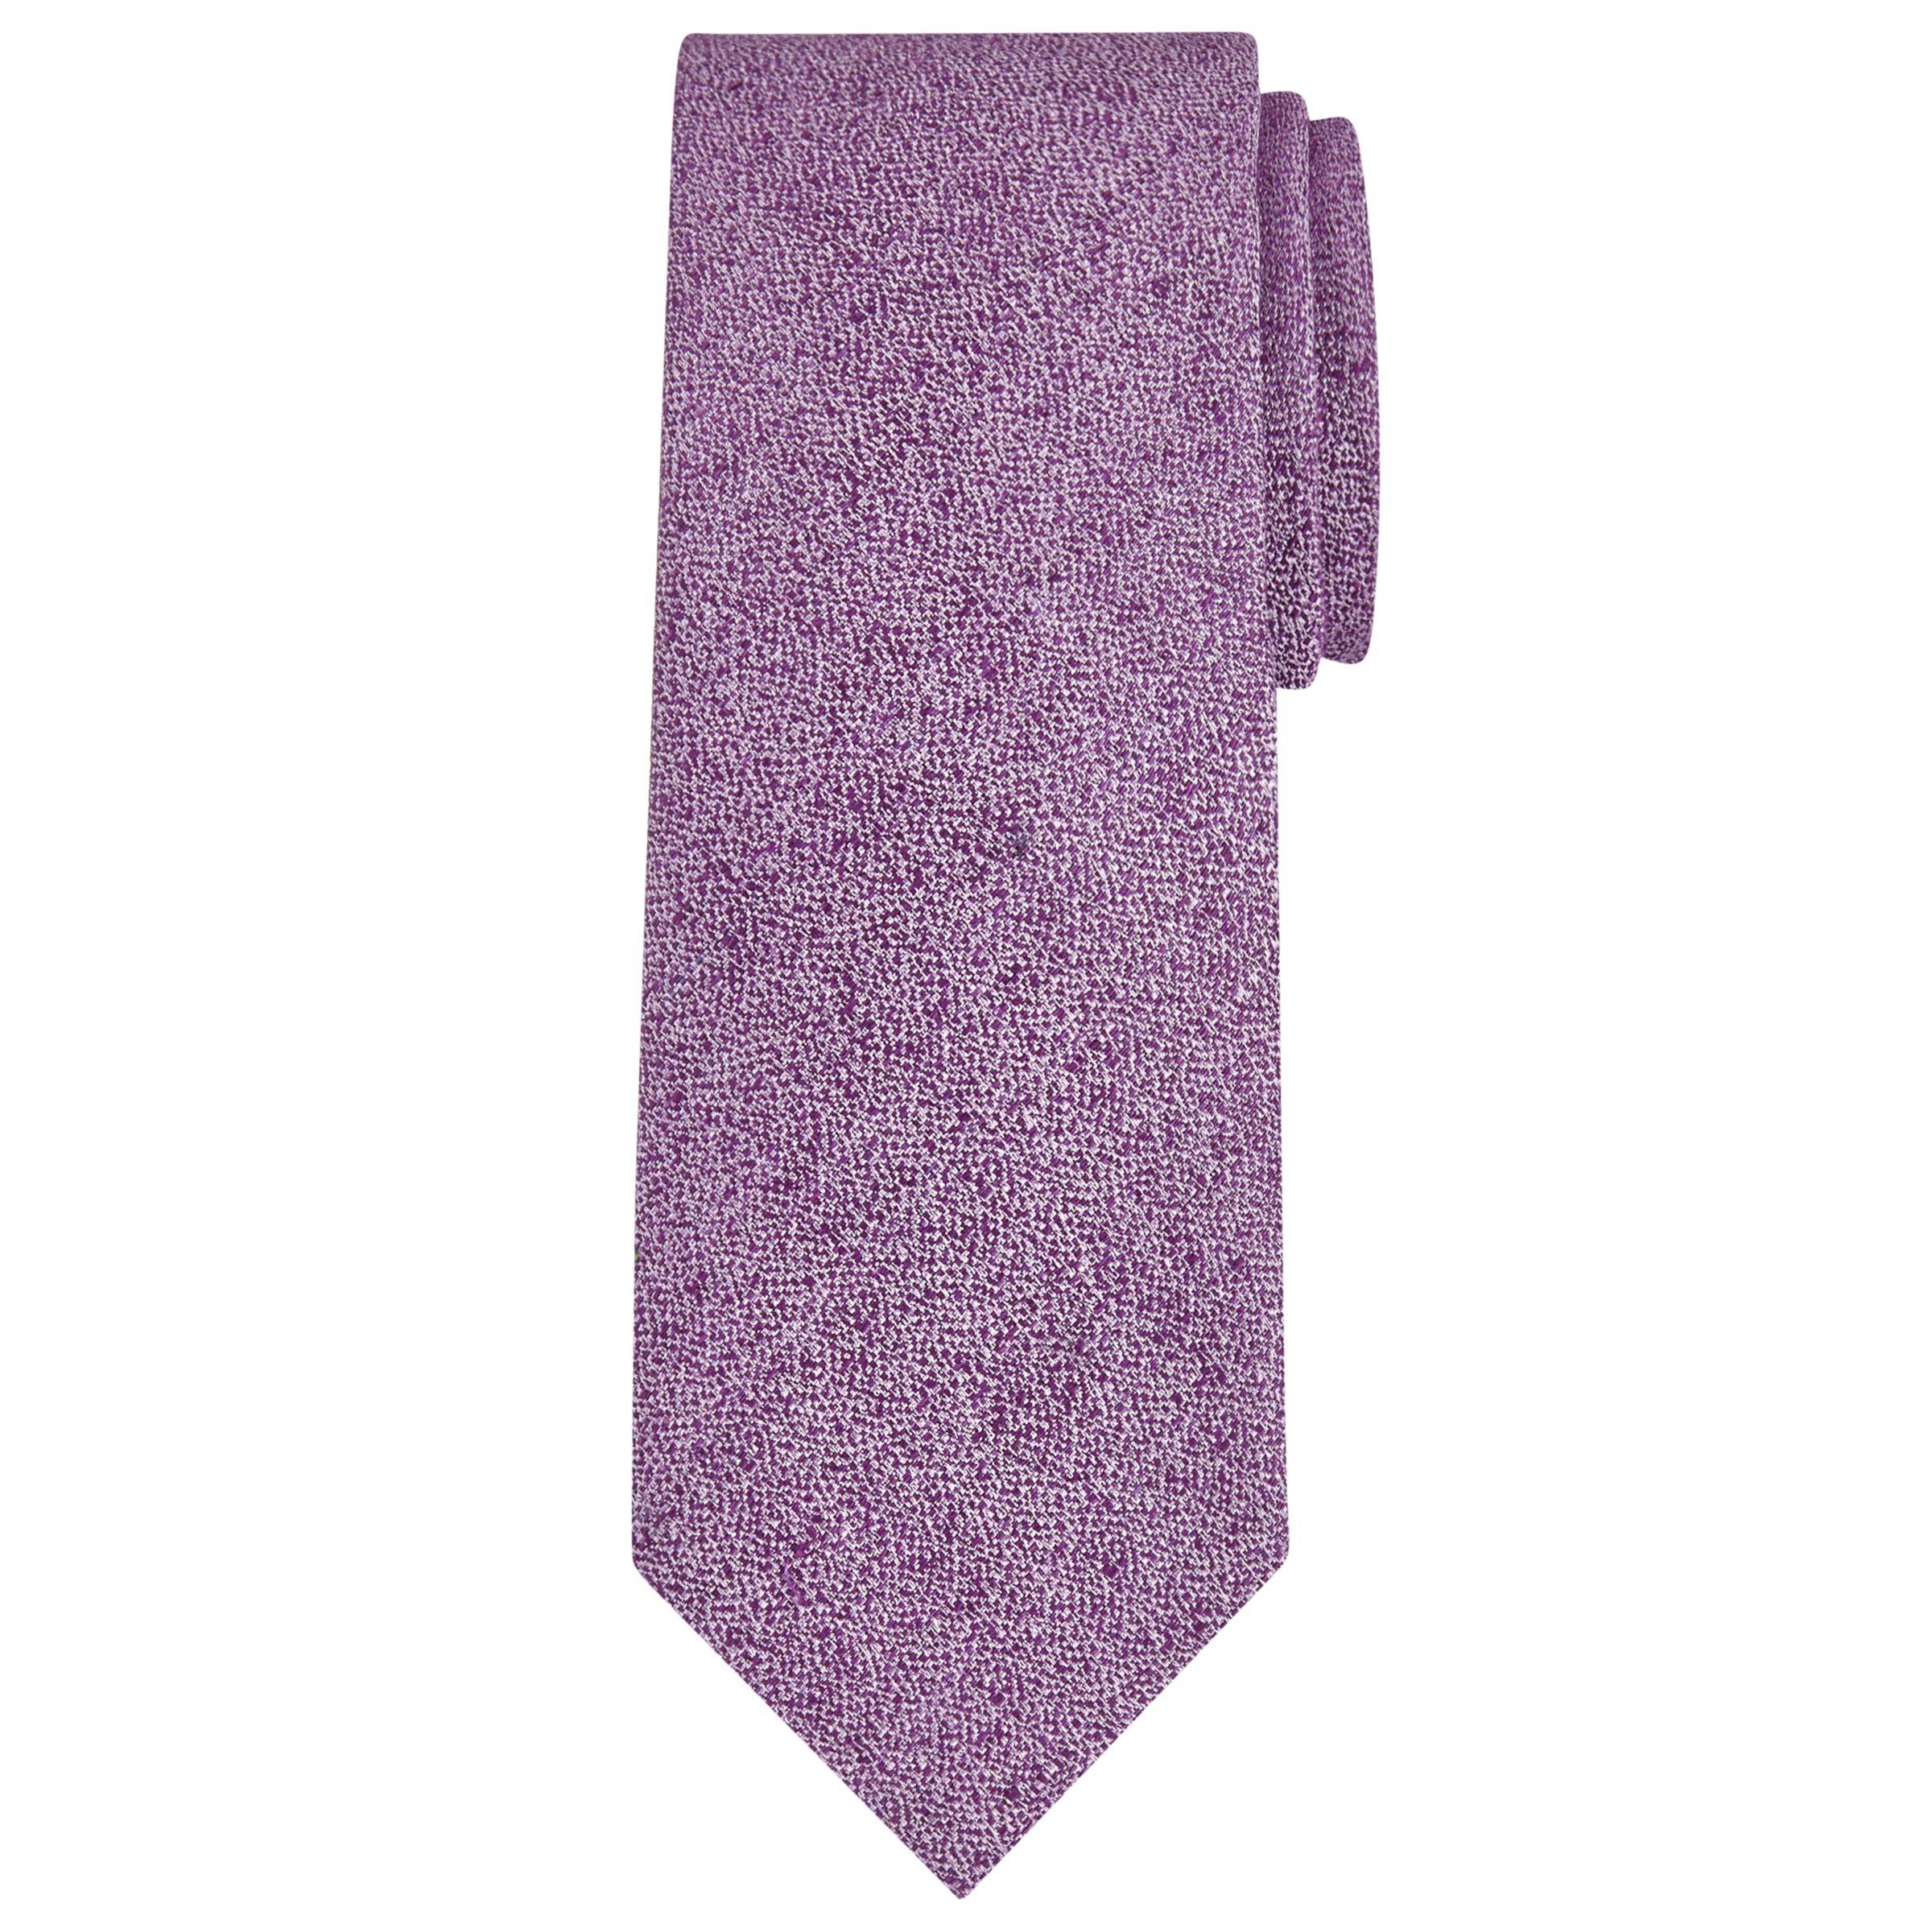 Richard James Mayfair Richard James Mayfair Crystal Silk Tie